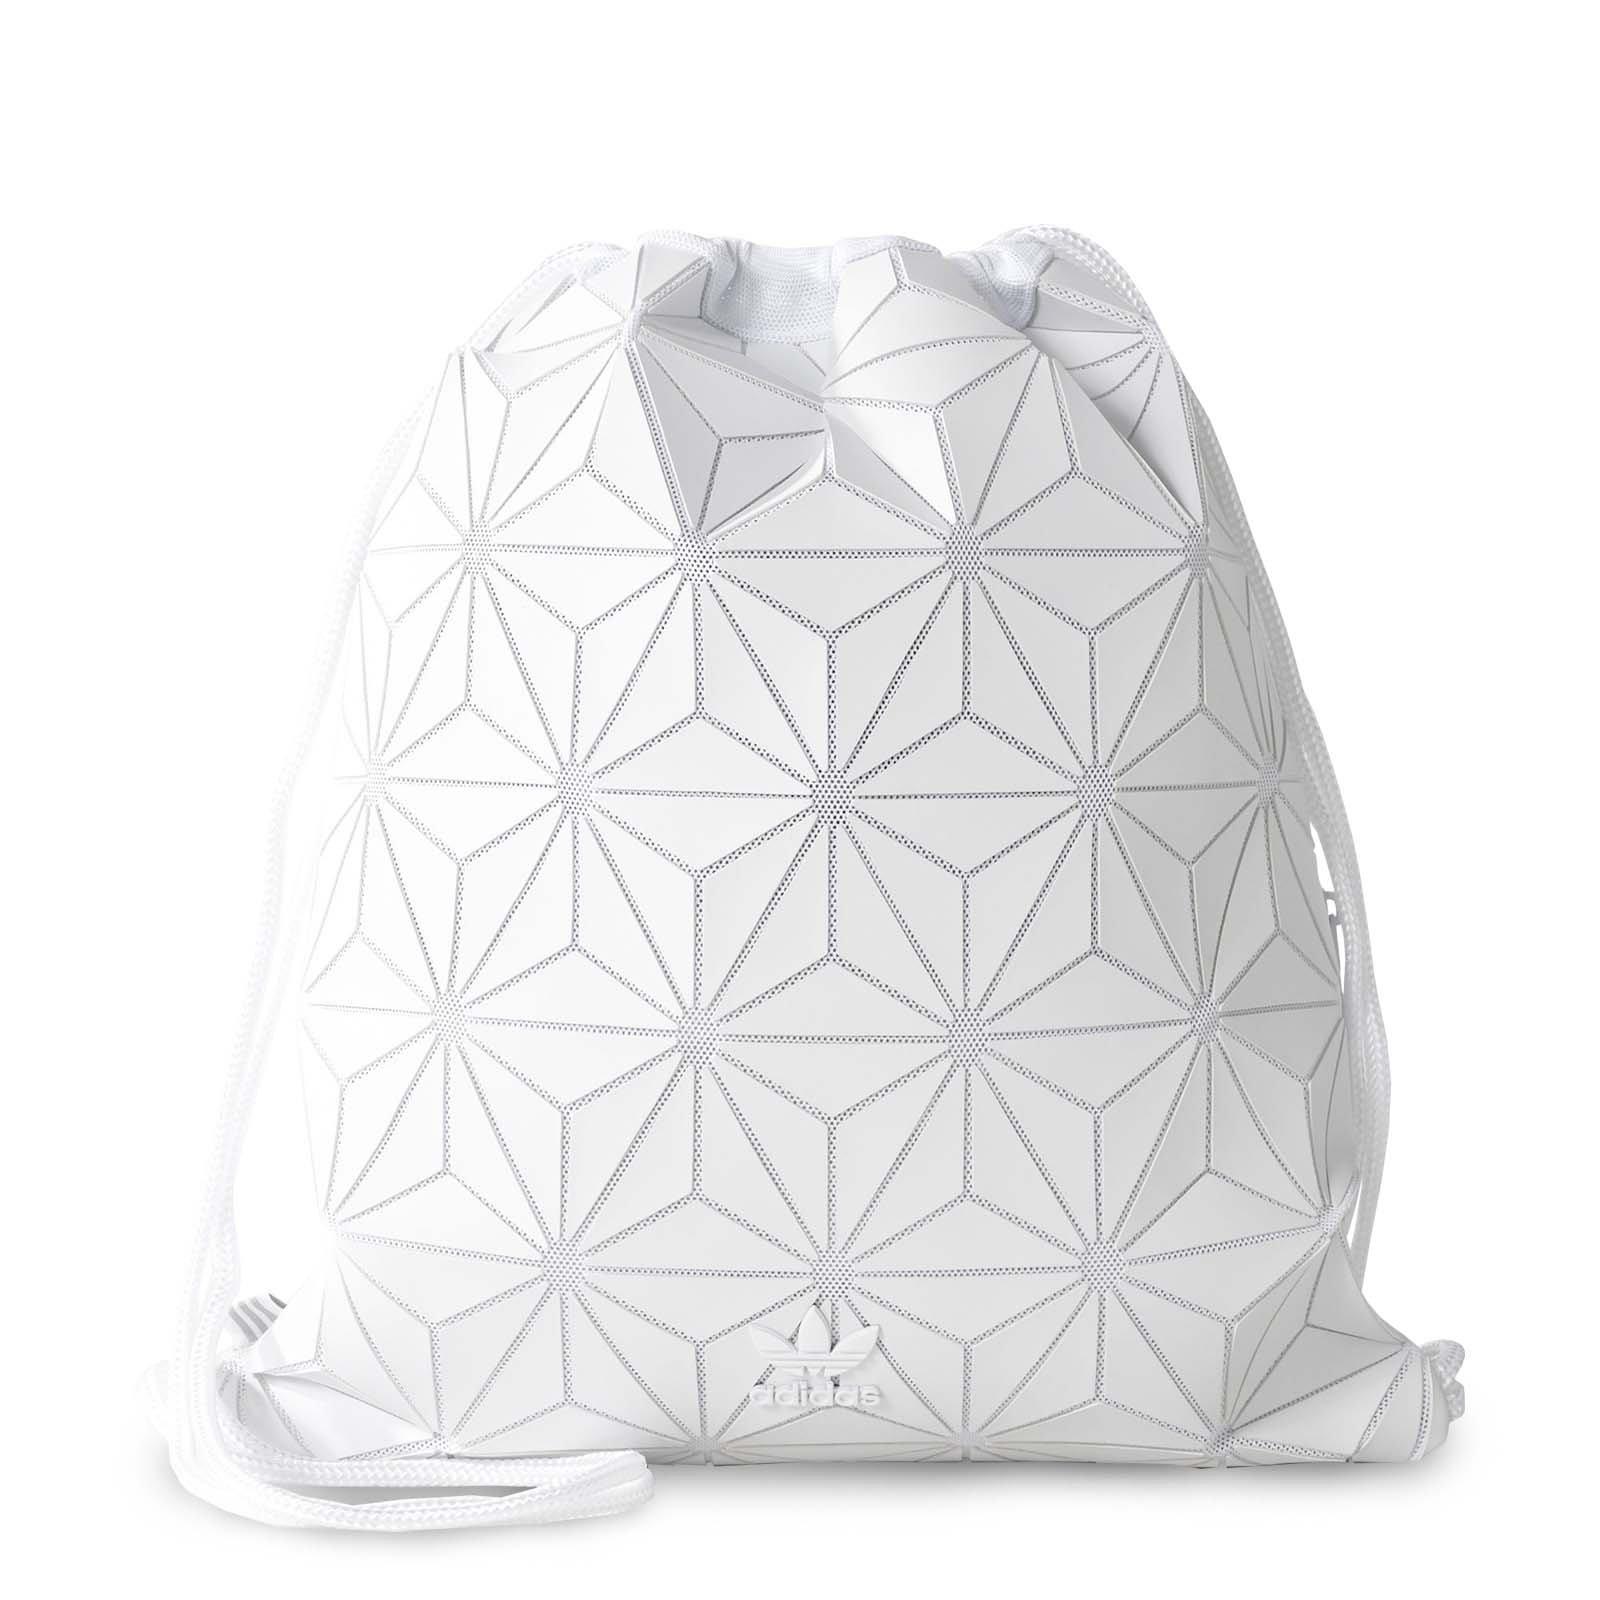 adidas Originals 3D White Geographic Shapes Gym Sack Bag BP BJ9572